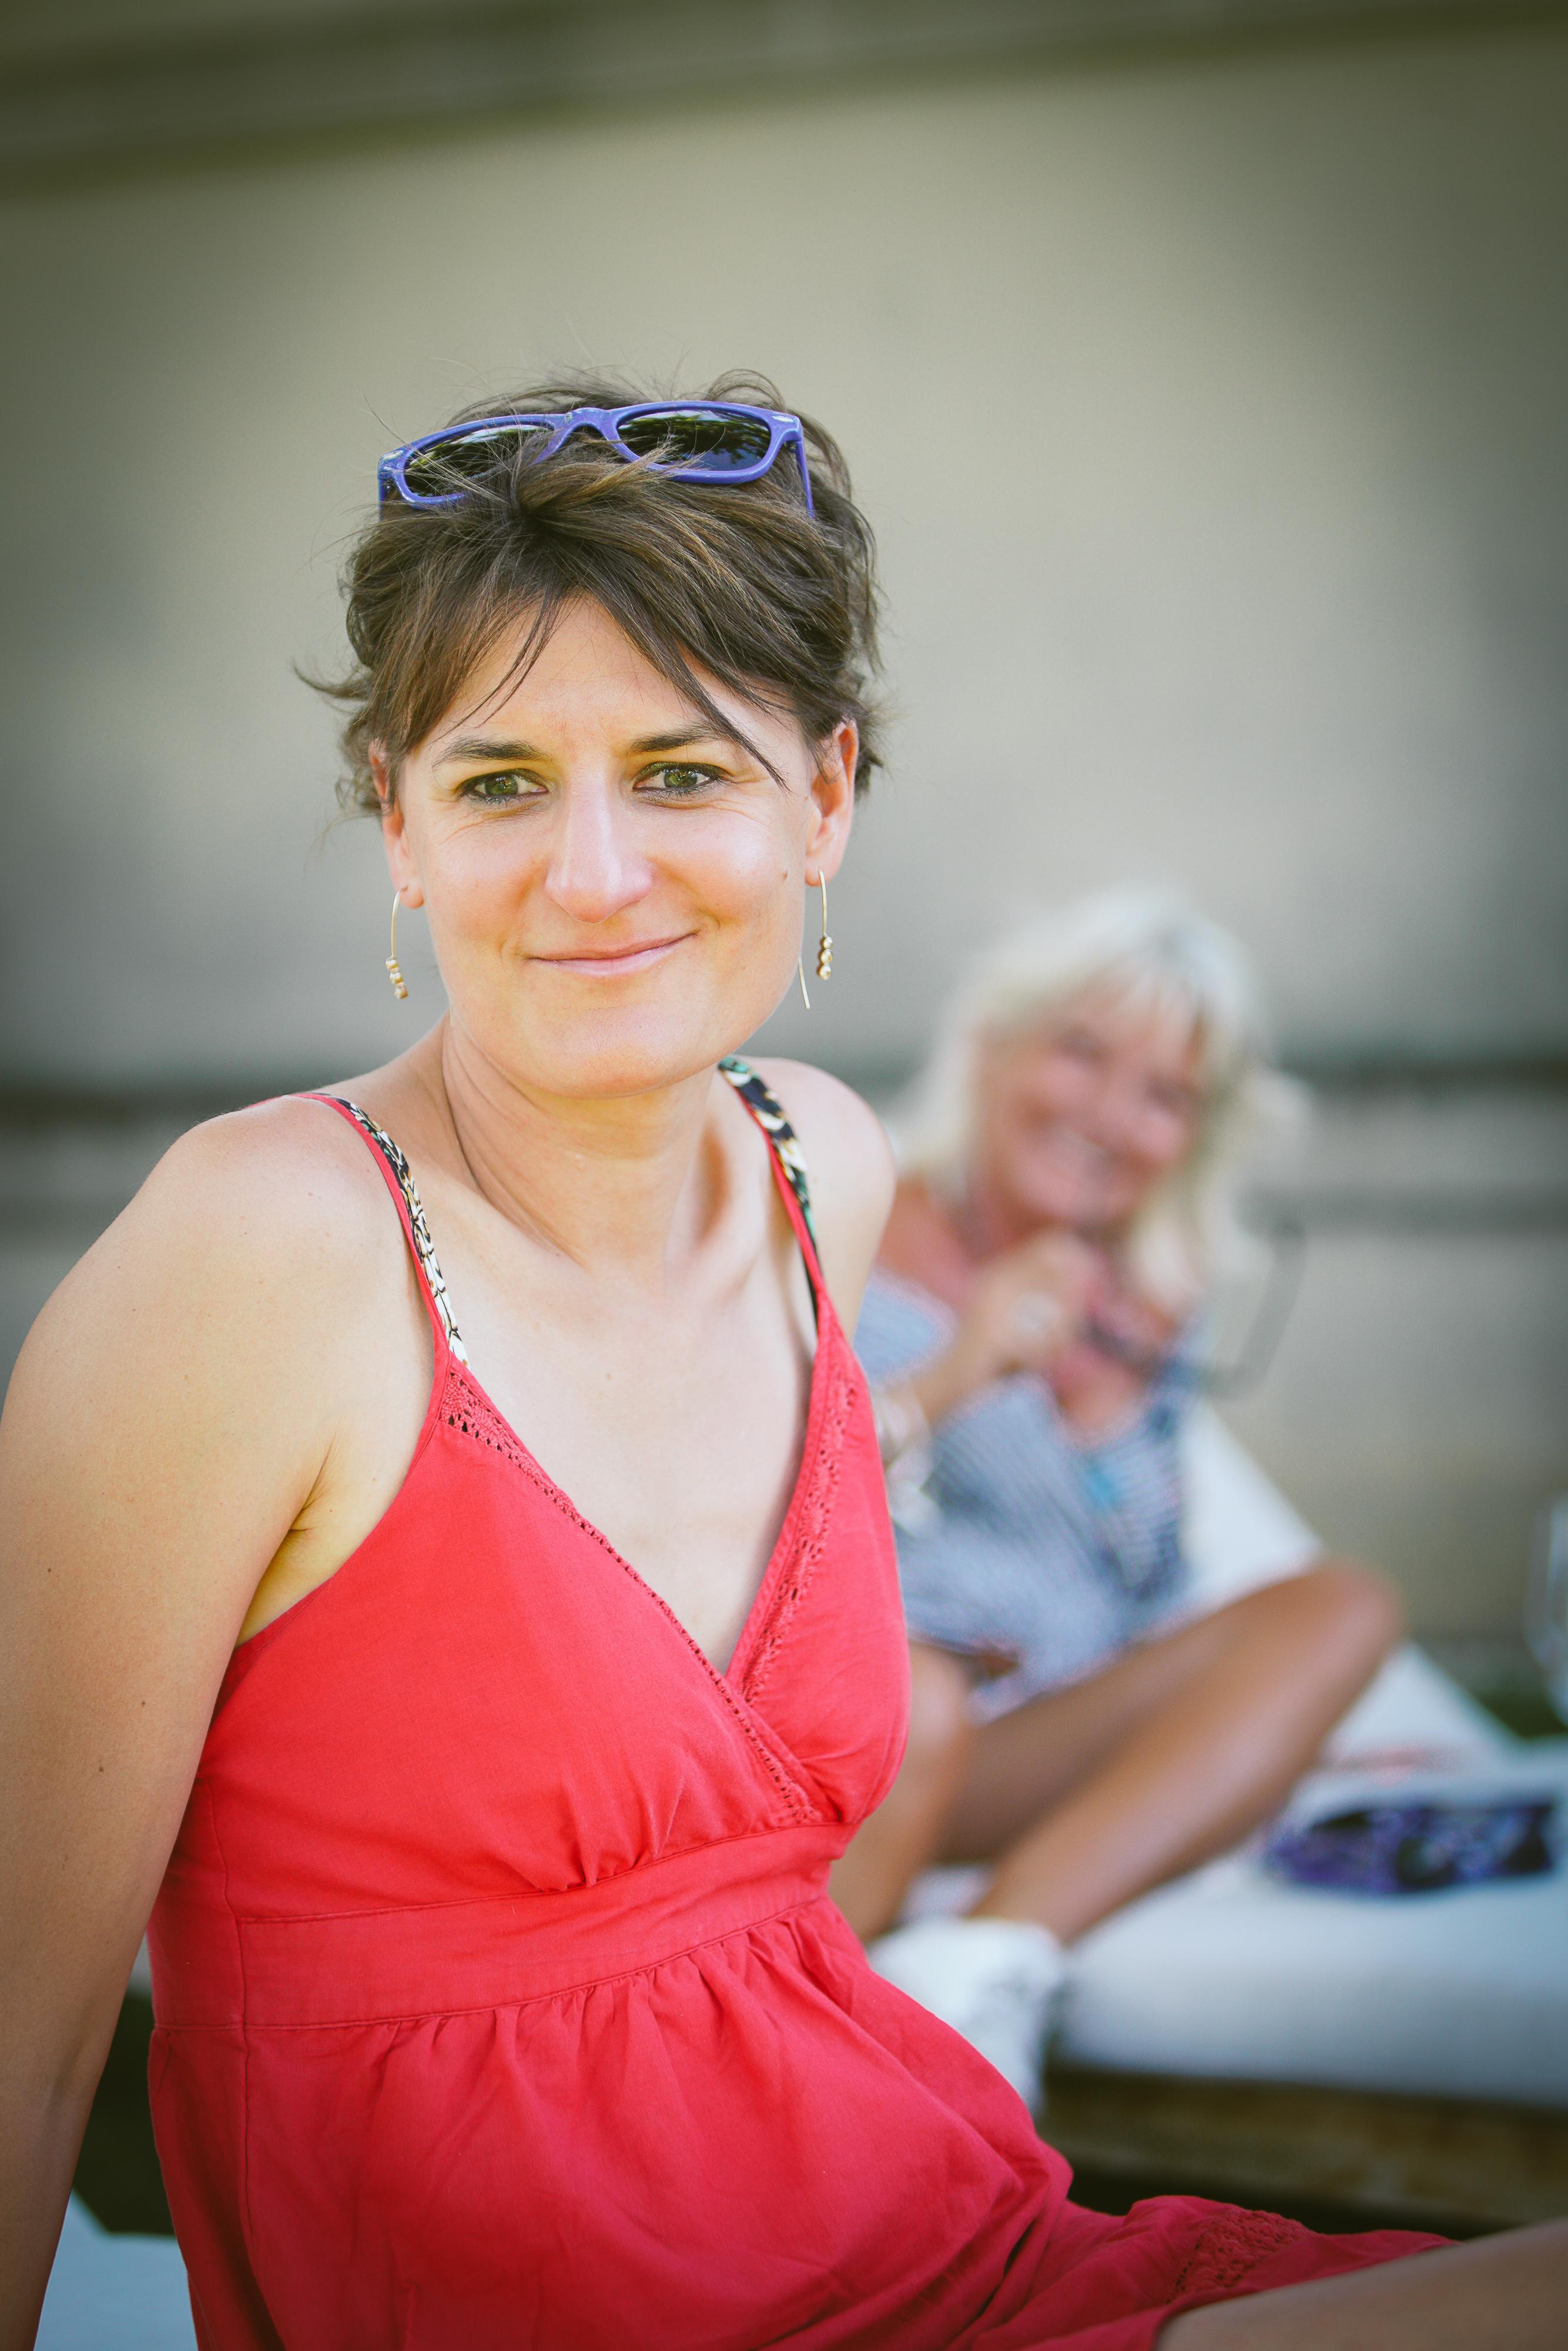 AFTER WORK EN MÉDOC_2020-chateau-Malescasse_Photographe d\'evenements corporate_christophe_boury_www.photographe-33.fr_A7R01980